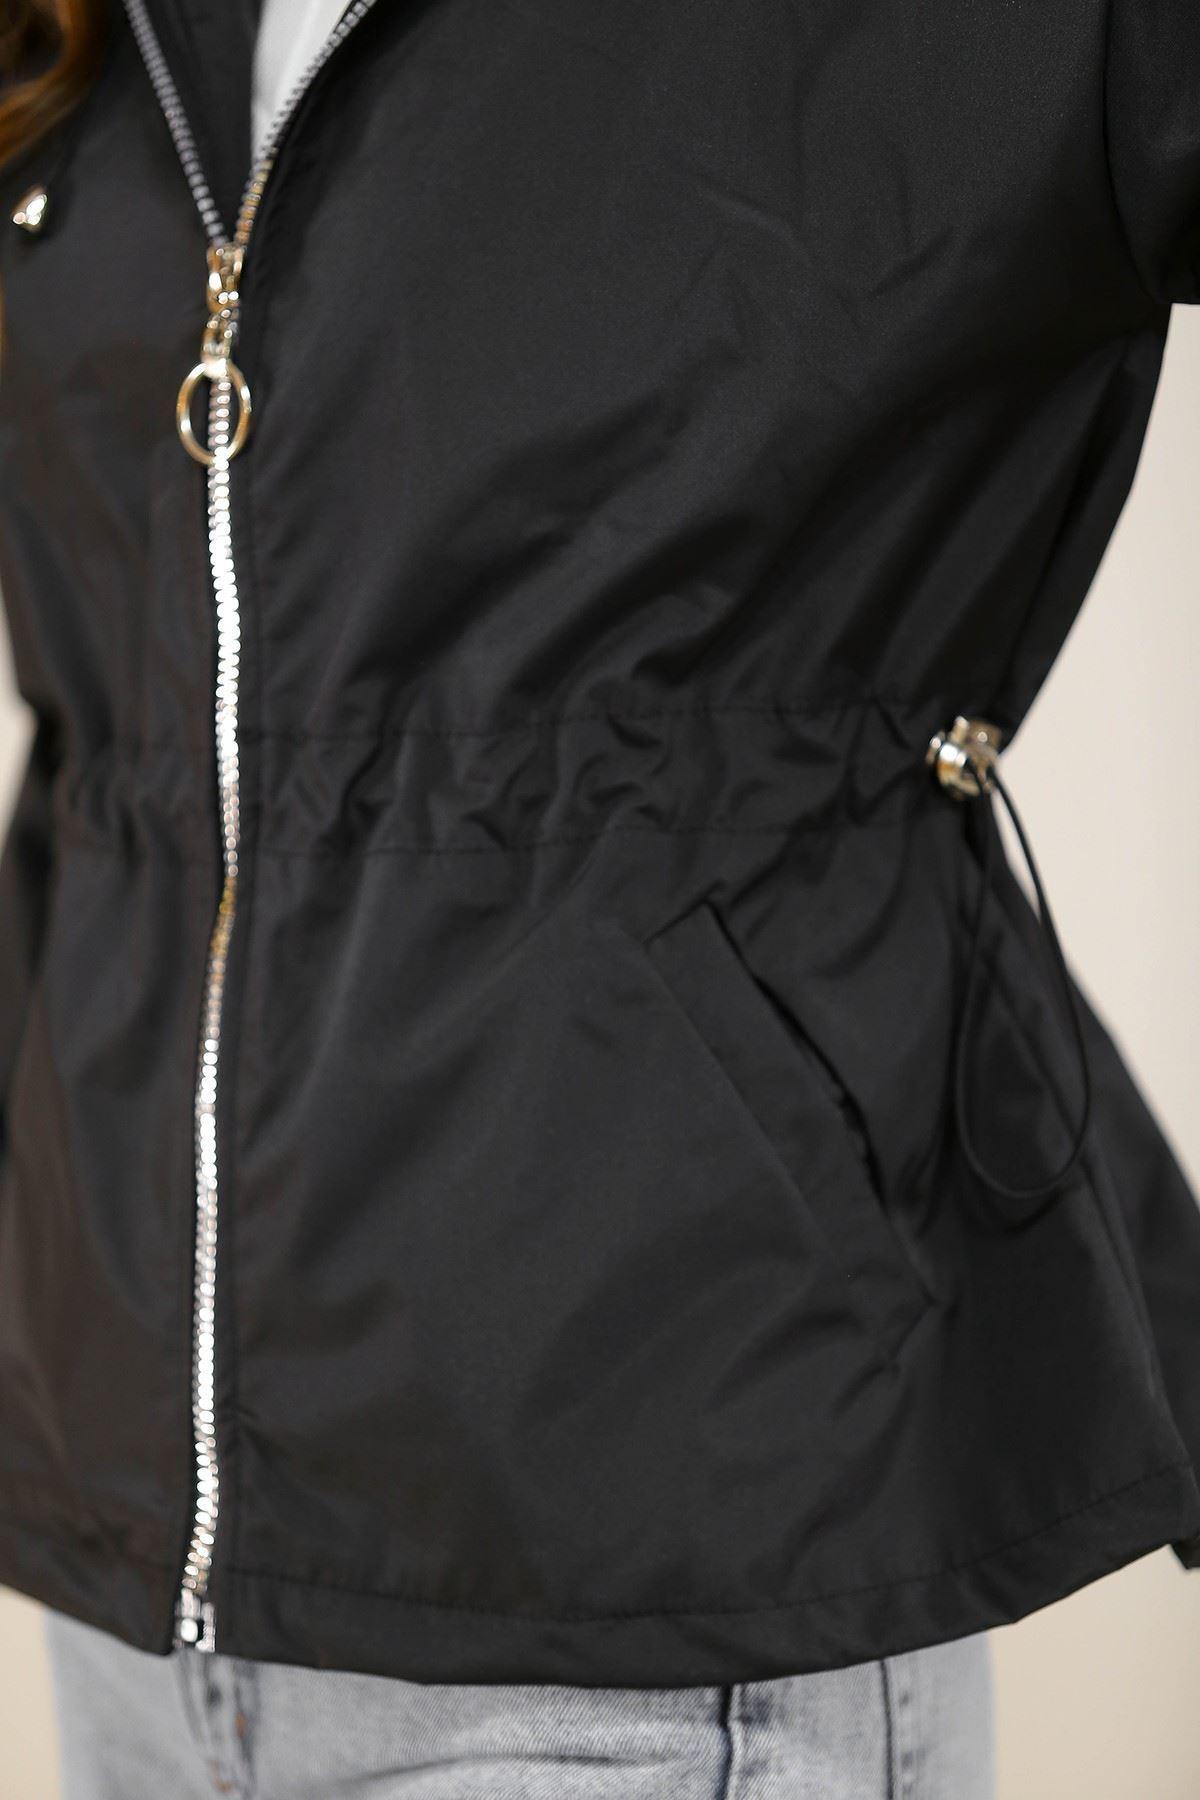 Kapşonlu Fermuarlı Ceket Siyah - 5230.240.